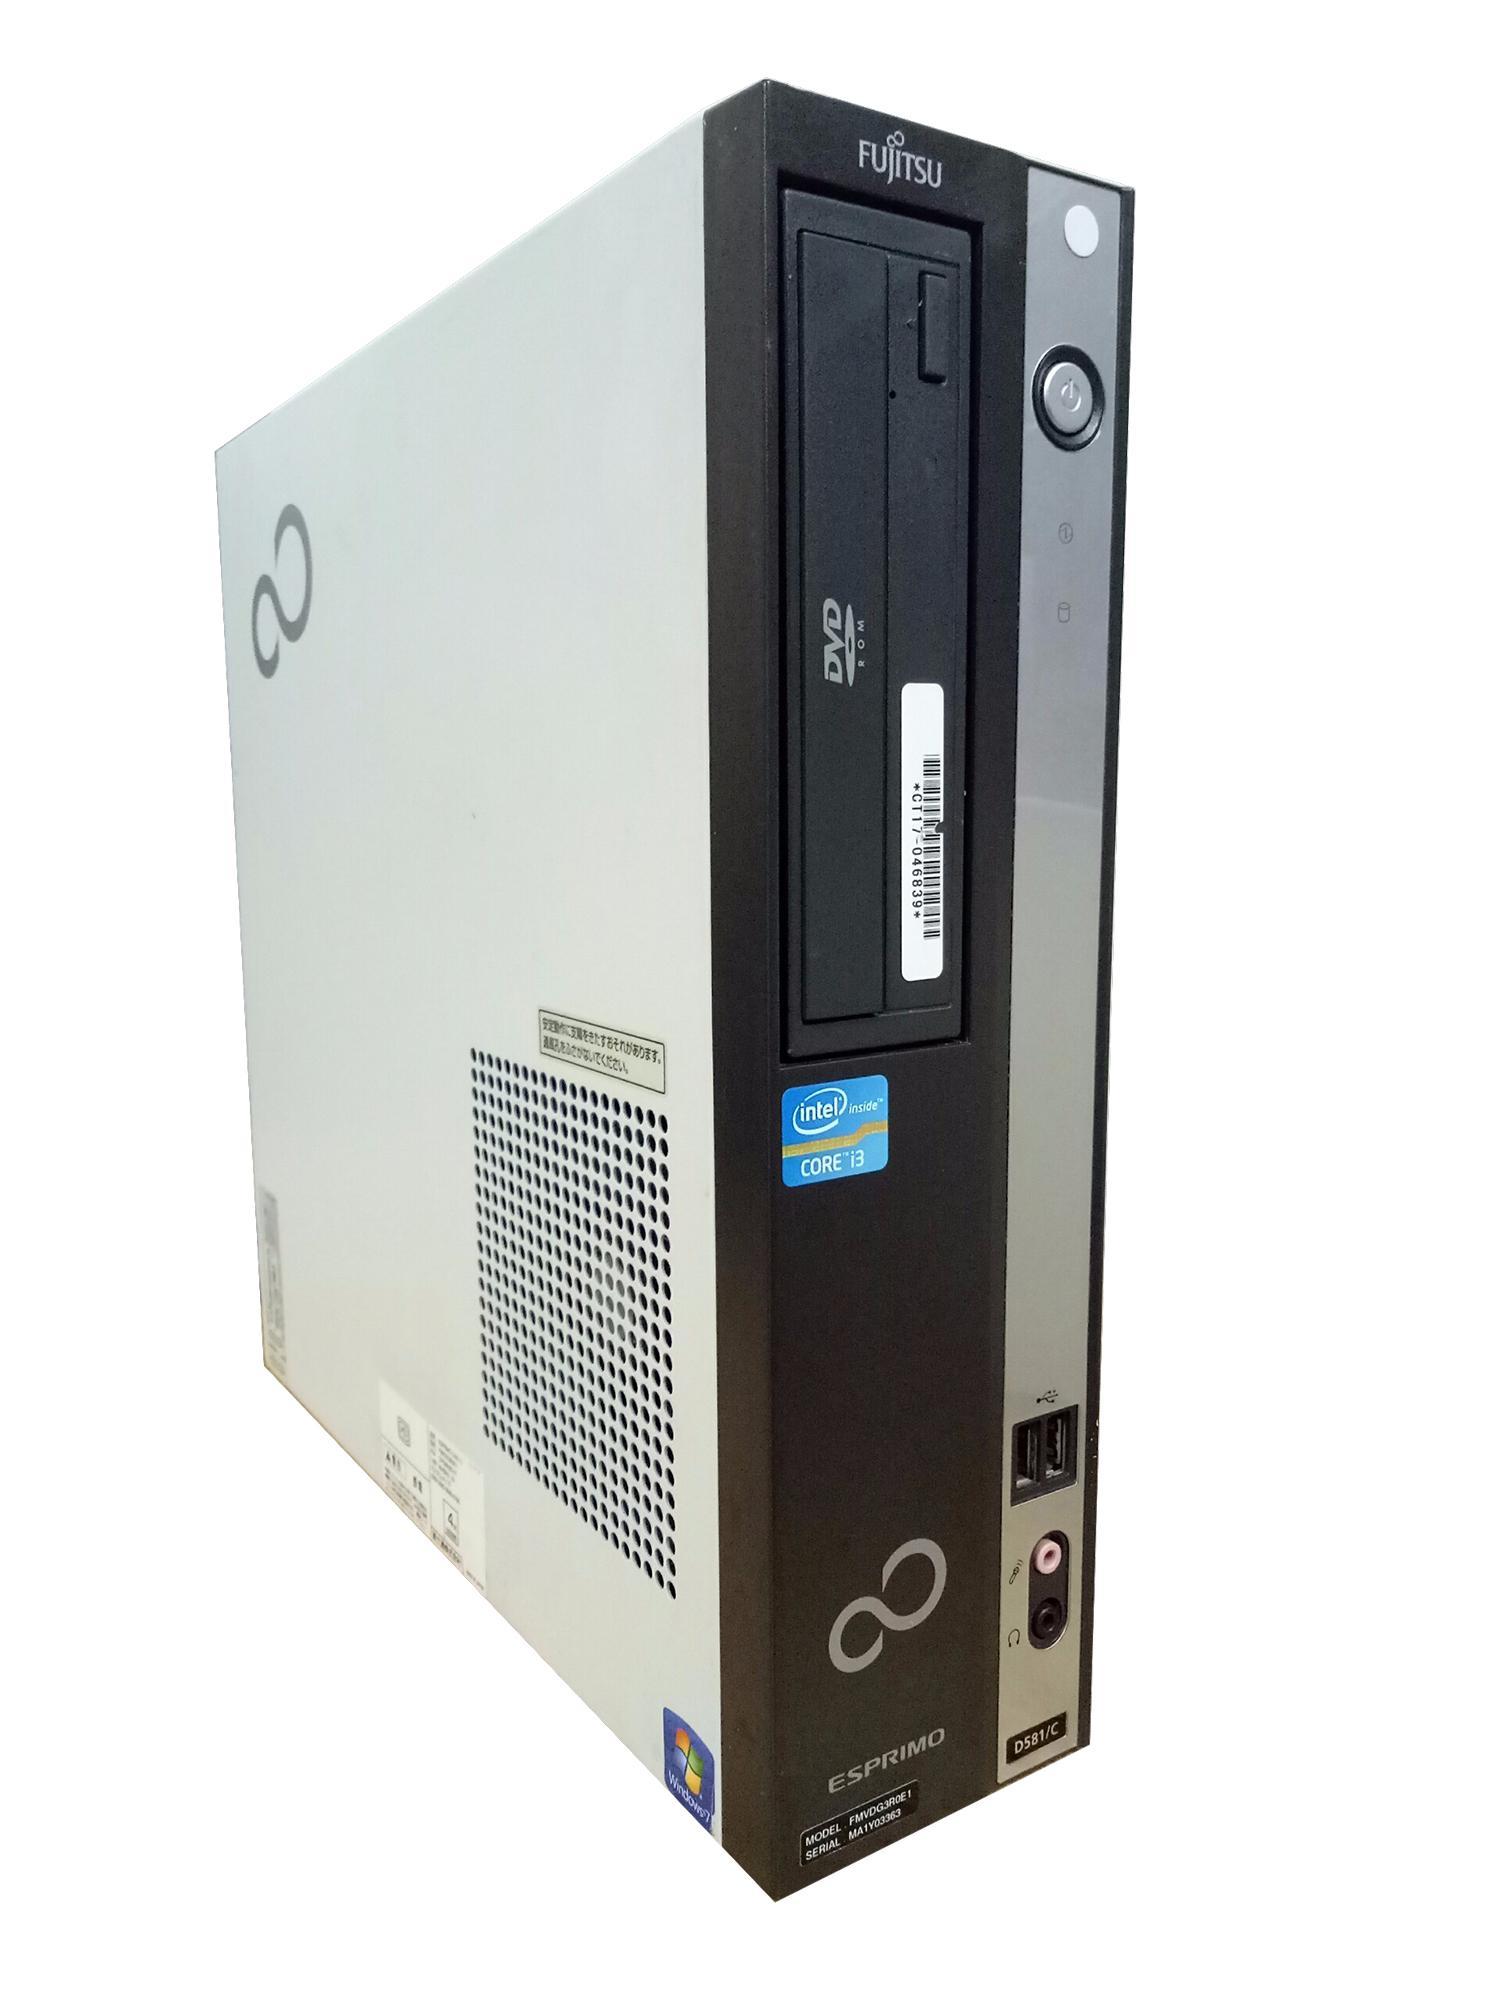 Máy tính đồng bộ Fujisu h67